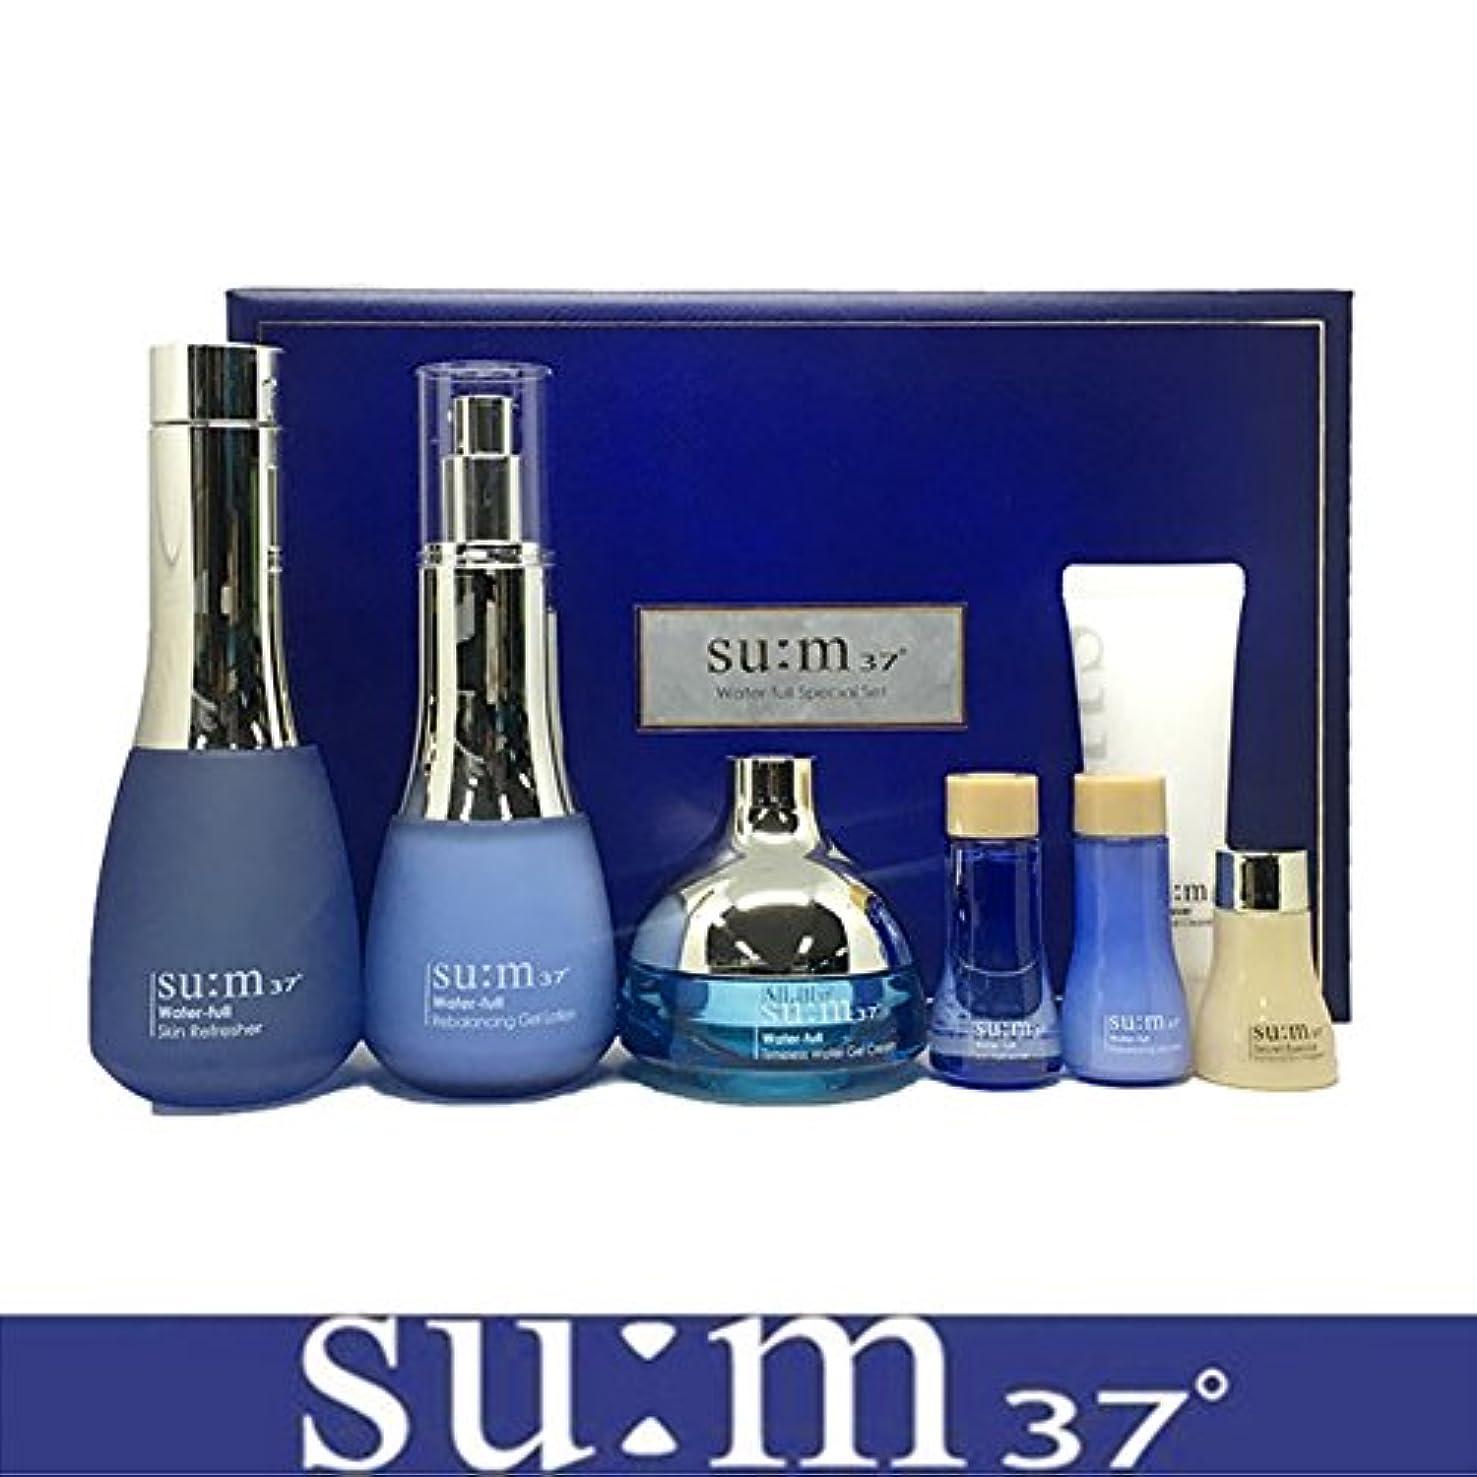 味わうコミュニティ円形[su:m37/スム37°] SUM37 Water full 3pcs Special Skincare Set/sum37 スム37 ウォーターフル 3種企画セット+[Sample Gift](海外直送品)